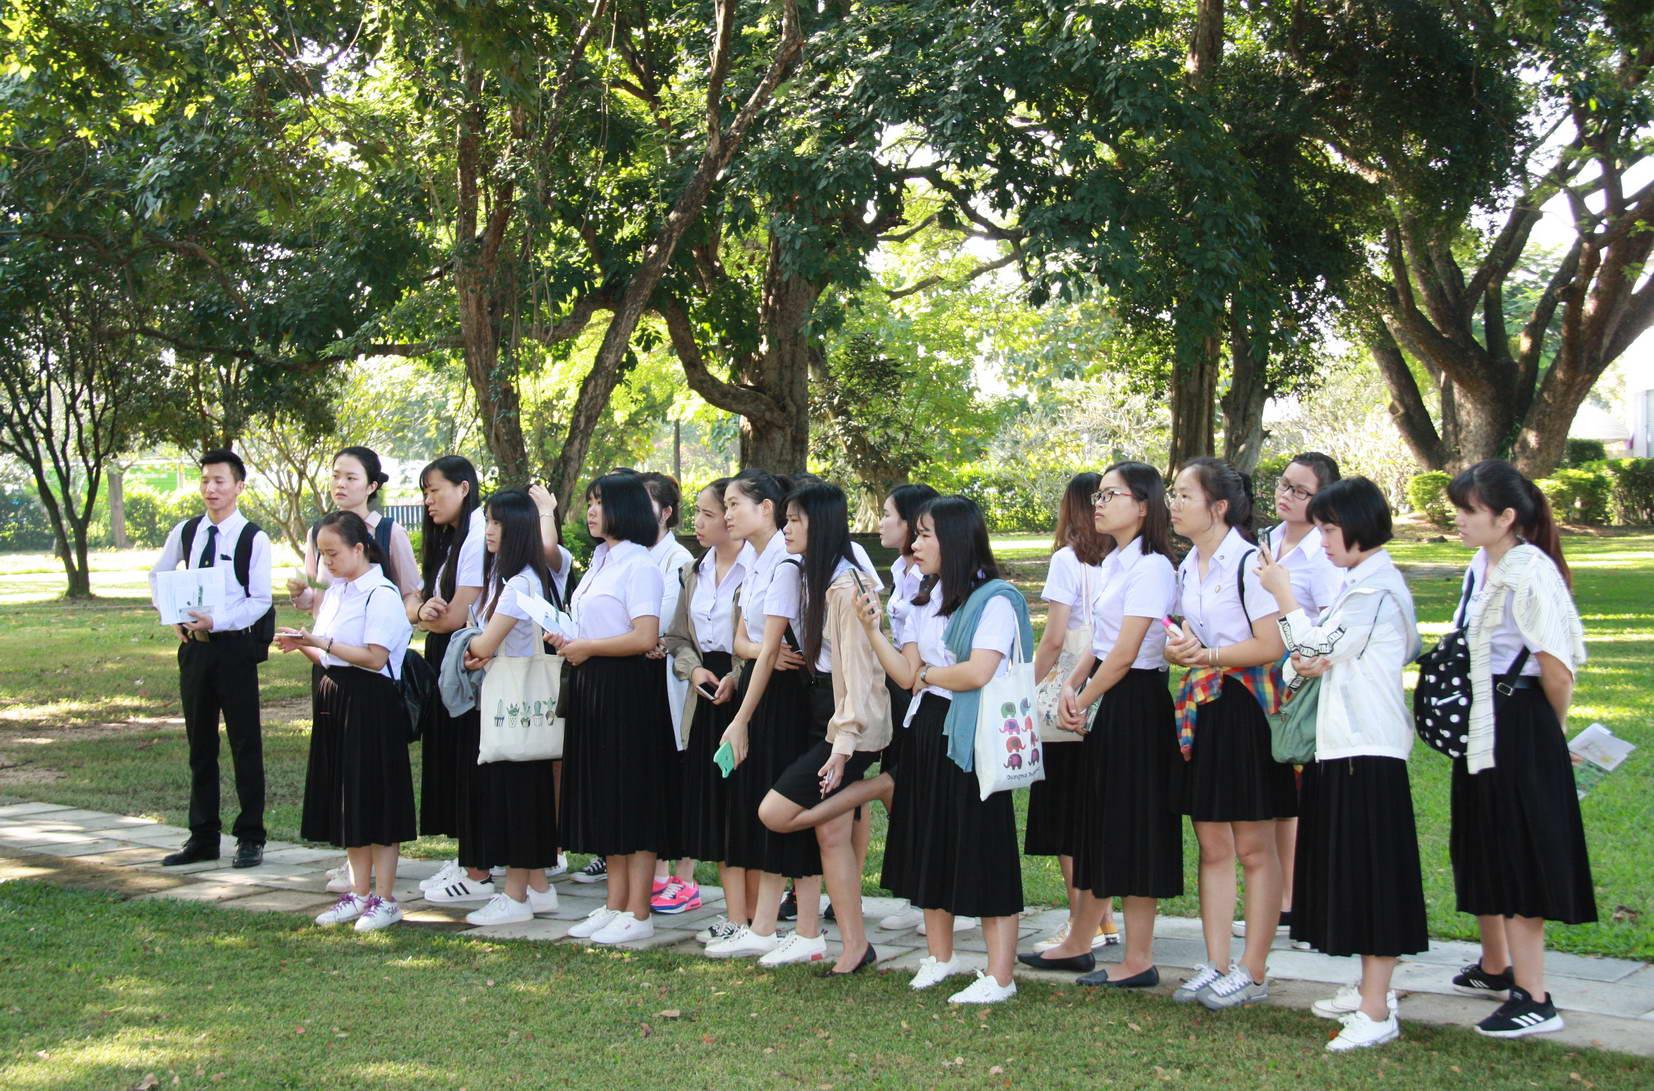 ให้การต้อนรับคณาจารย์ และนักศึกษาแลกเปลี่ยนจาก Yunnan Normal University และ Baise University